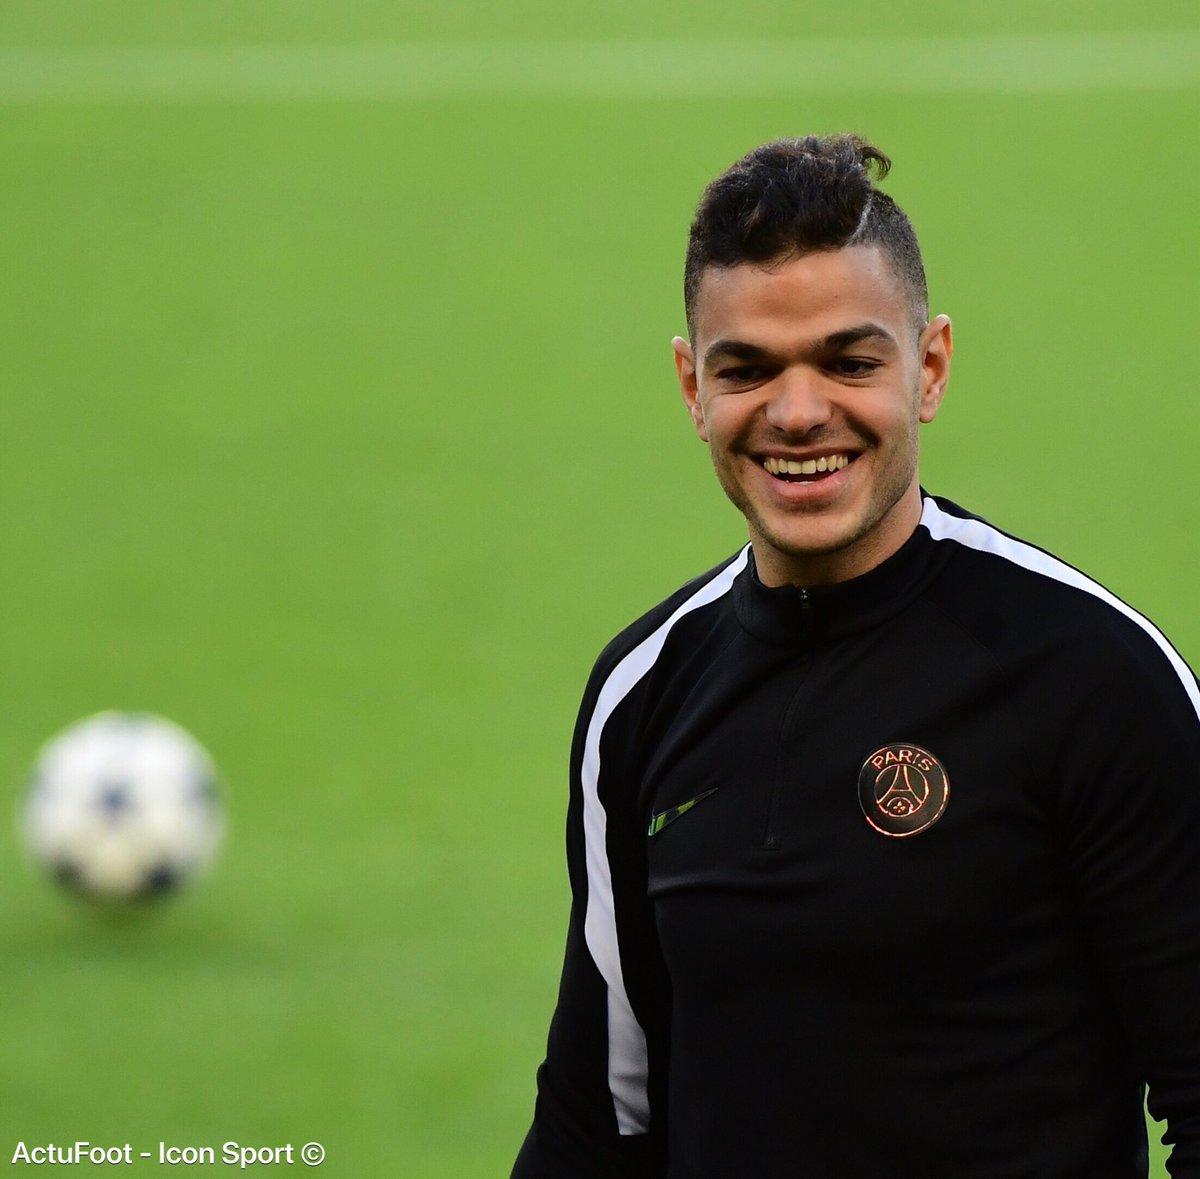 Hatem Ben Arfa sera sacré champion de France 2017/18 à la seule condition de disputer au moins une minute de jeu sur les 5 derniers matches de championnat du PSG.